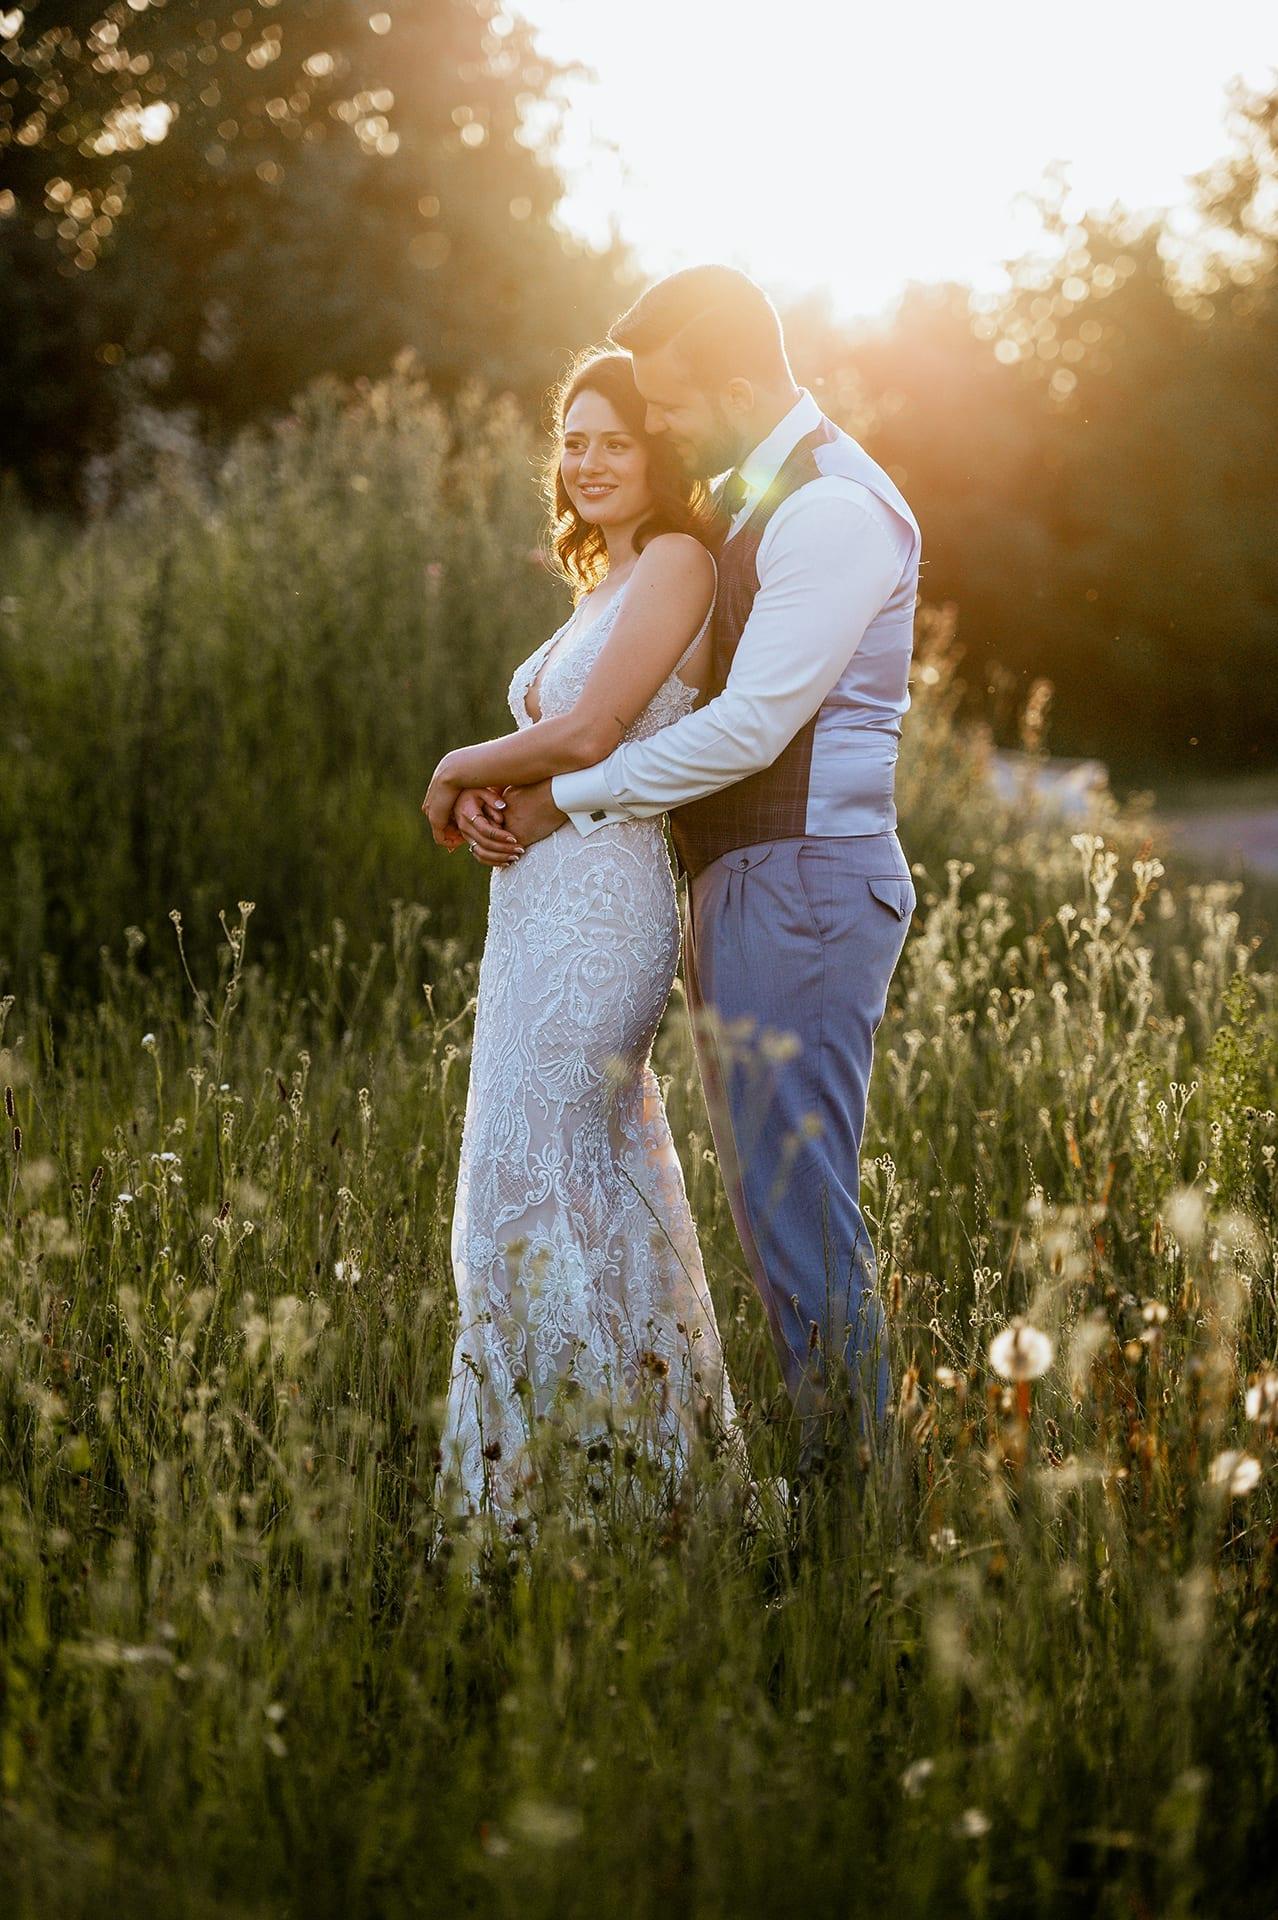 Brautpaar auf einer Wieße mit der Sonne im Hintergrund.